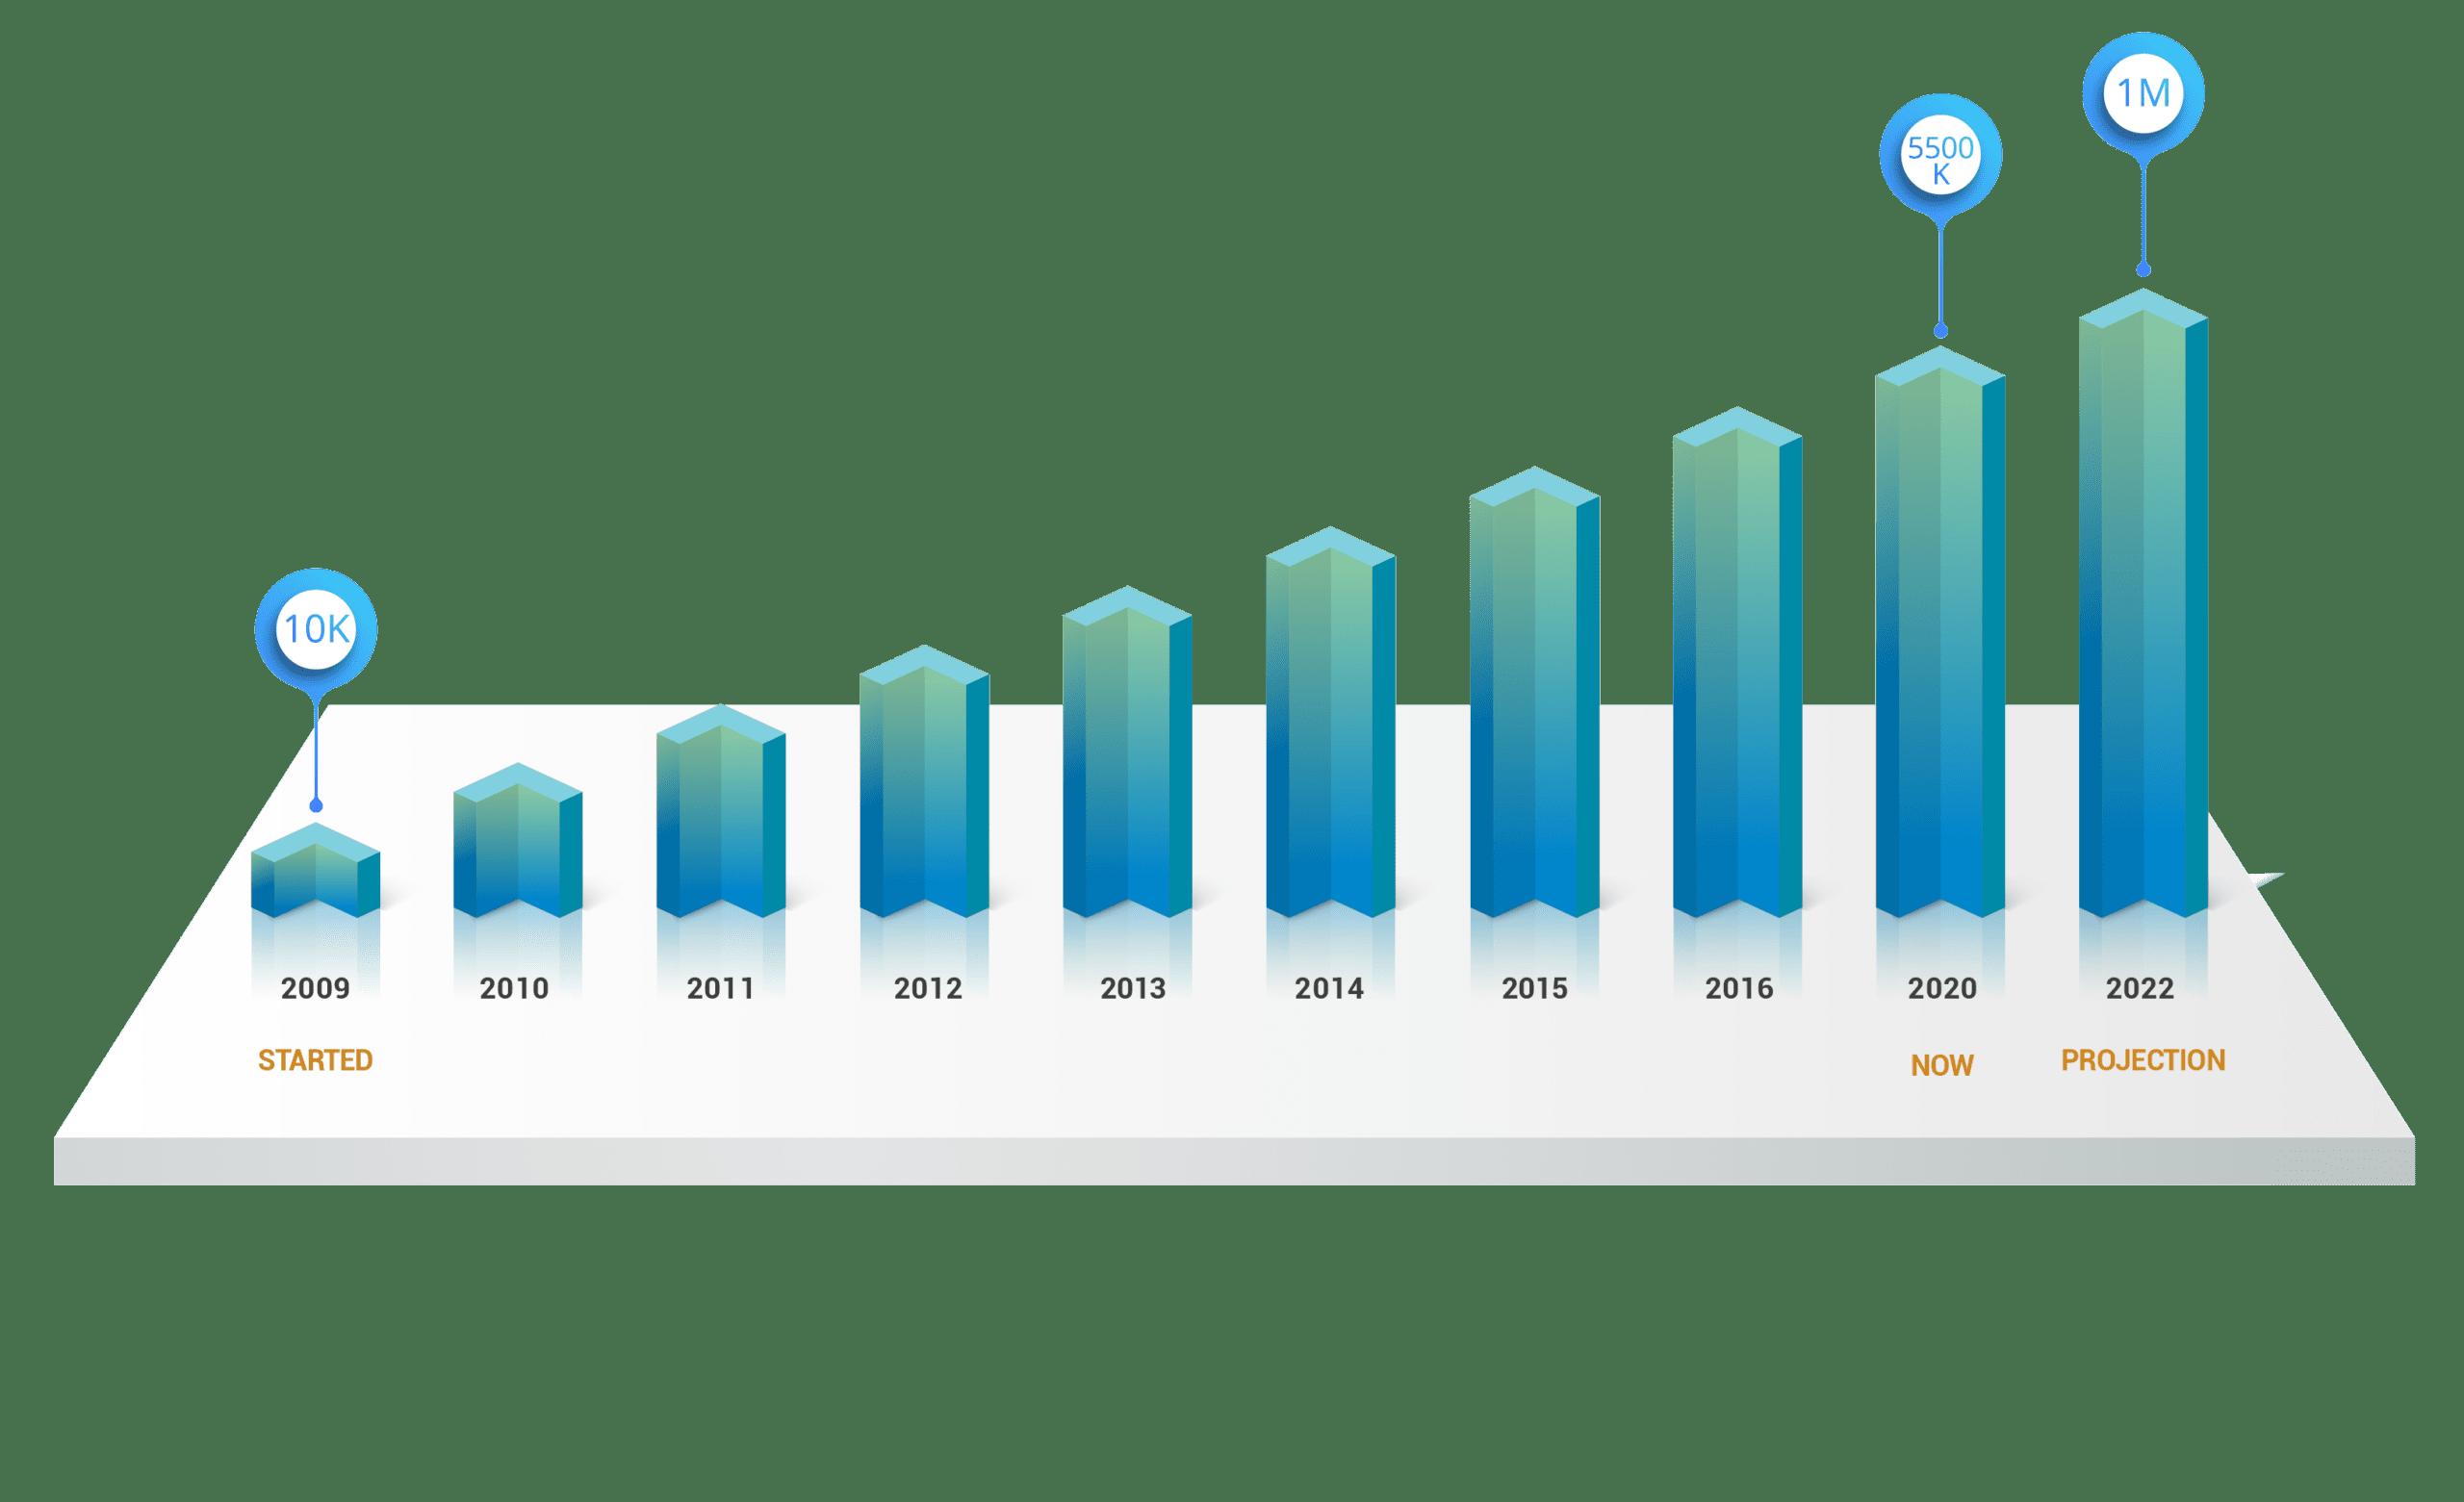 cronologia-de-usuarios-2-01-01.png